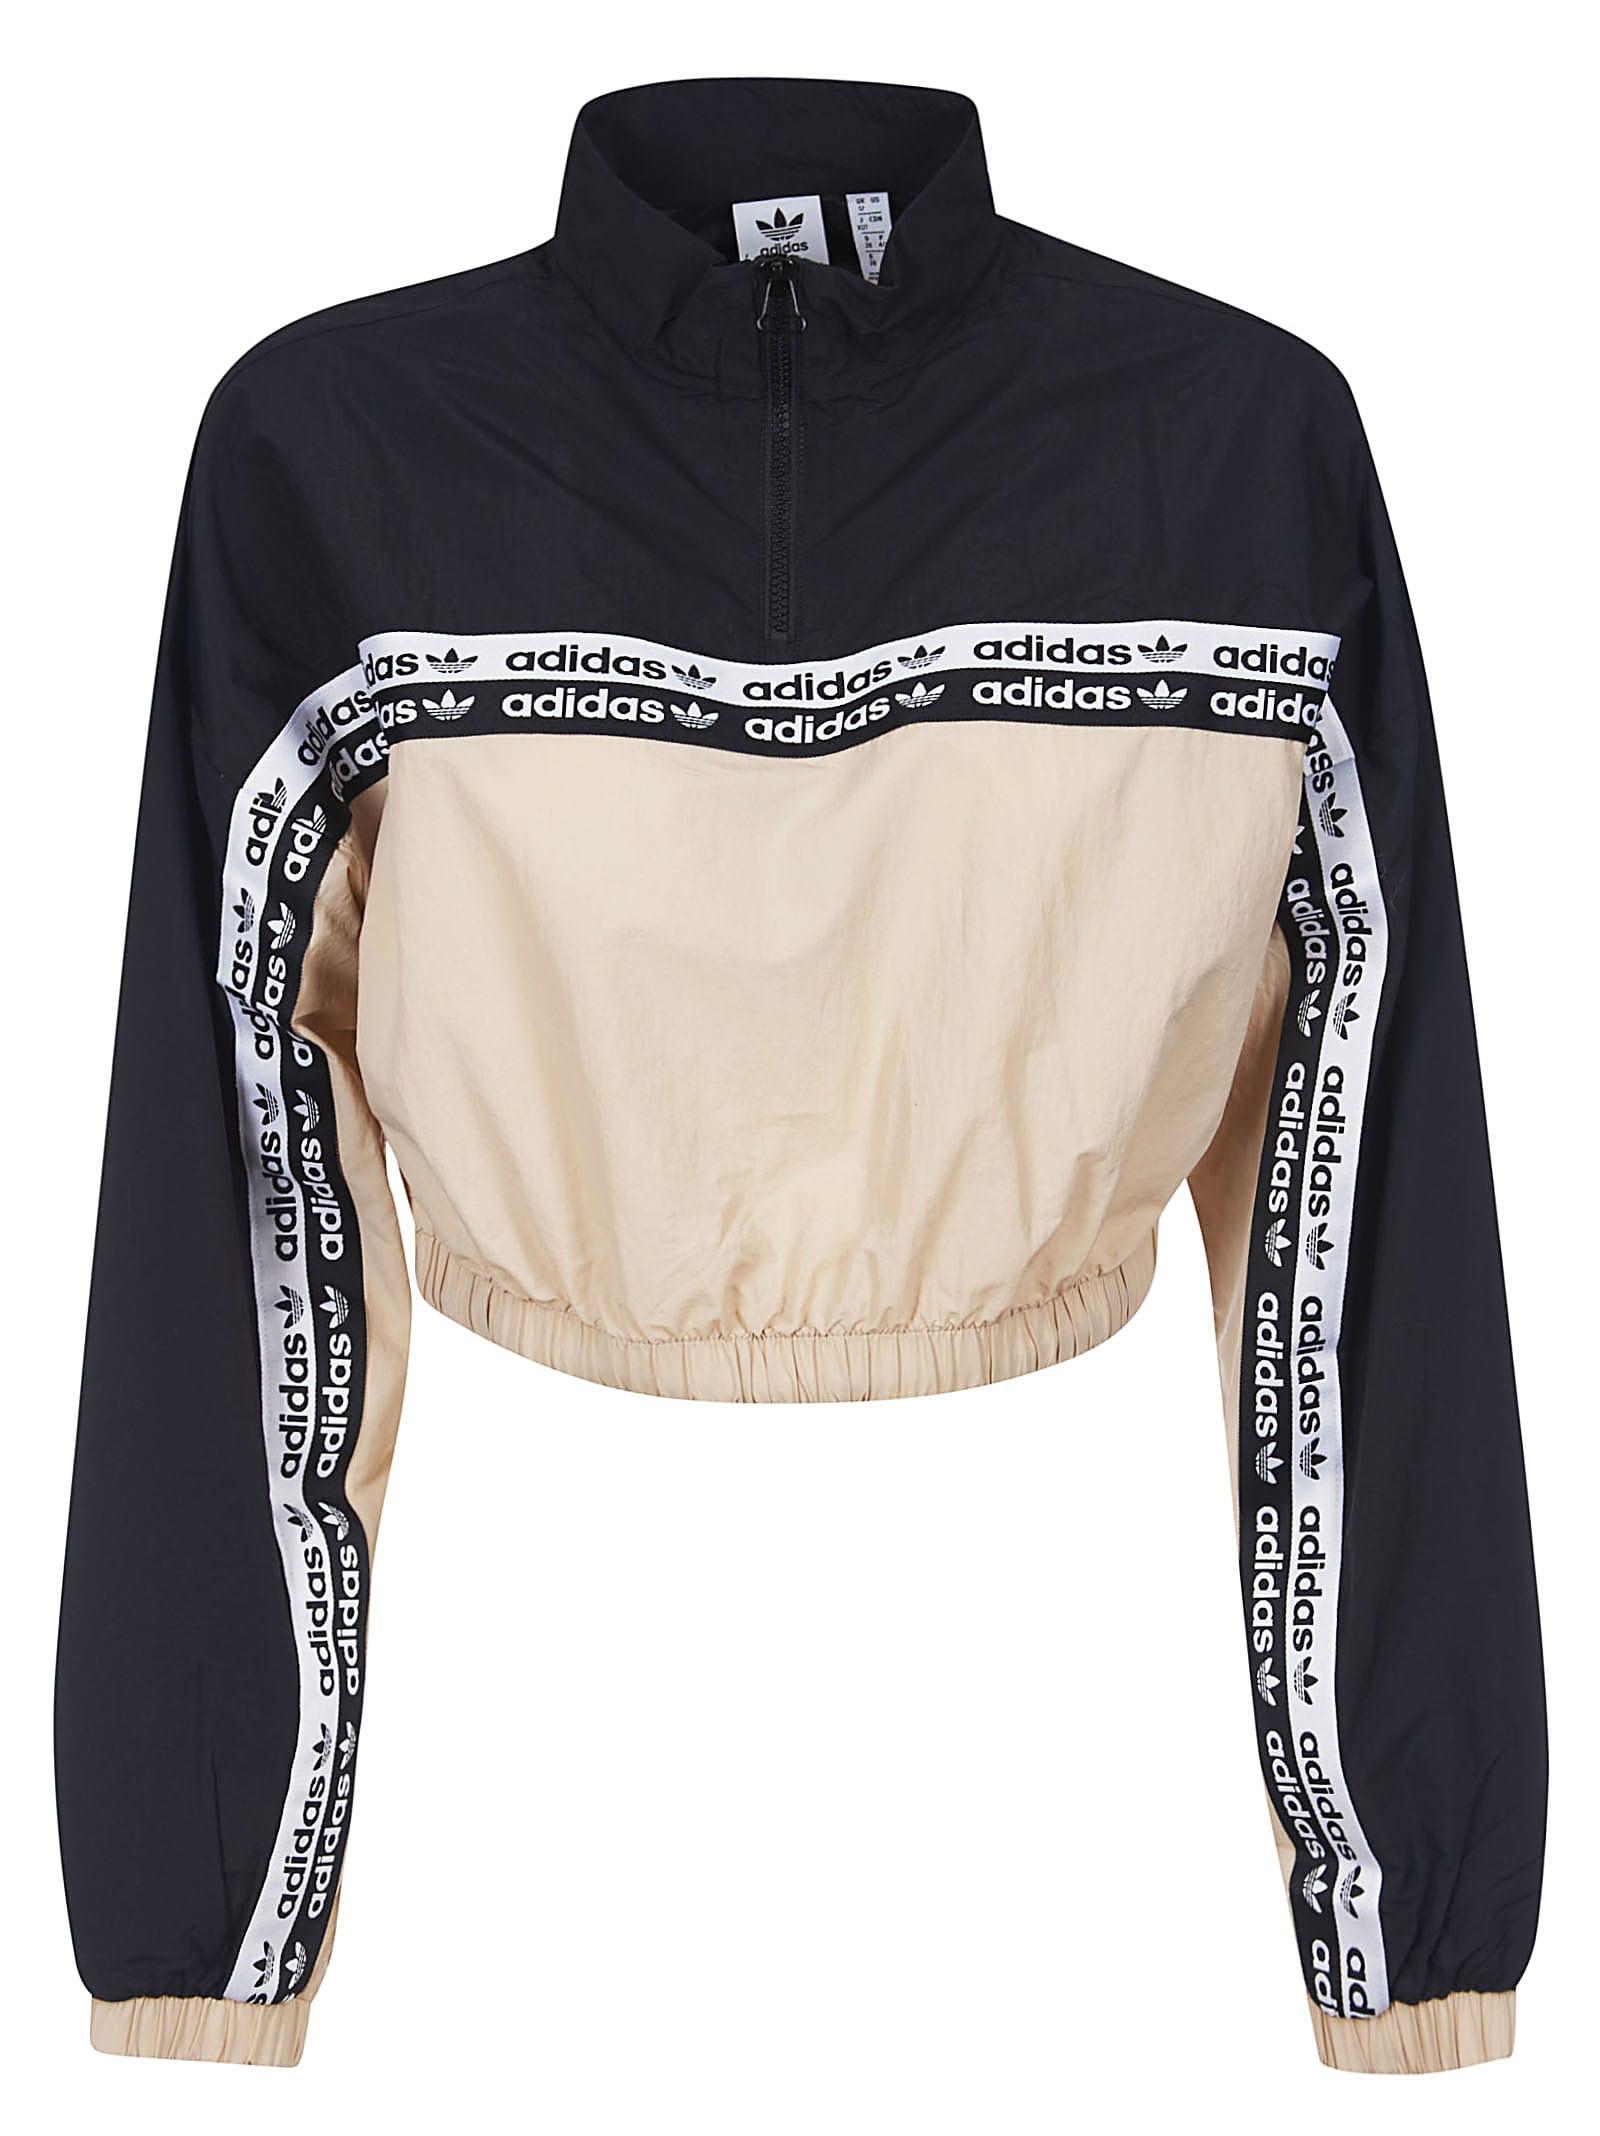 Adidas Cropped Jacket